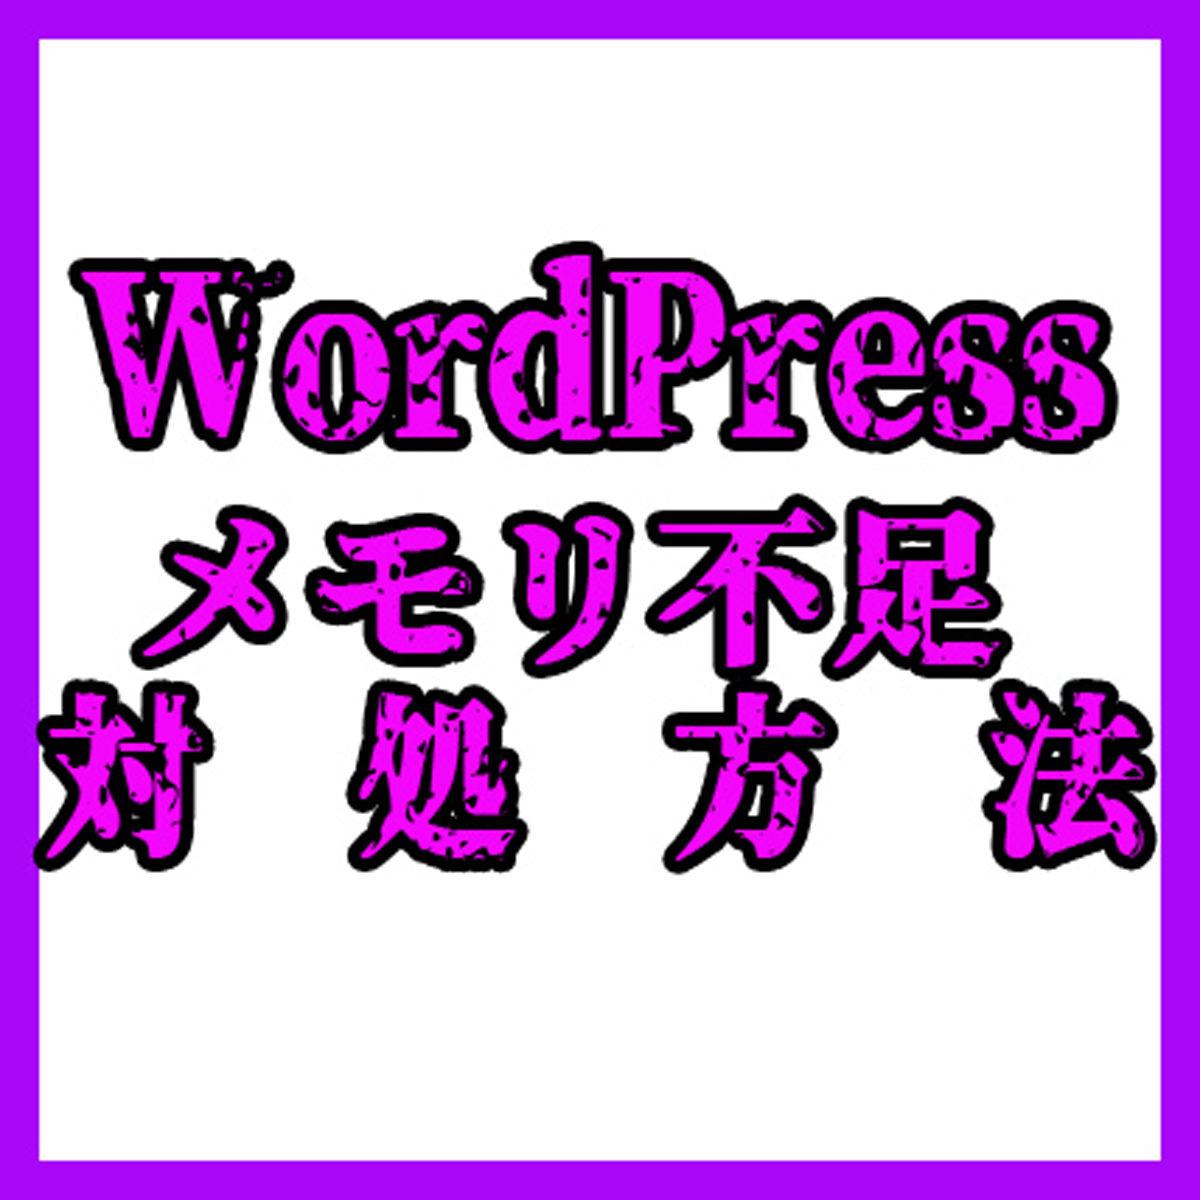 WordPressメモリ不足エラー心配はもうおしまい。Fatal error: Allowed memoryが表示され顔面蒼白したときに見たい高い確率でブログを復活されるたった1つの方法